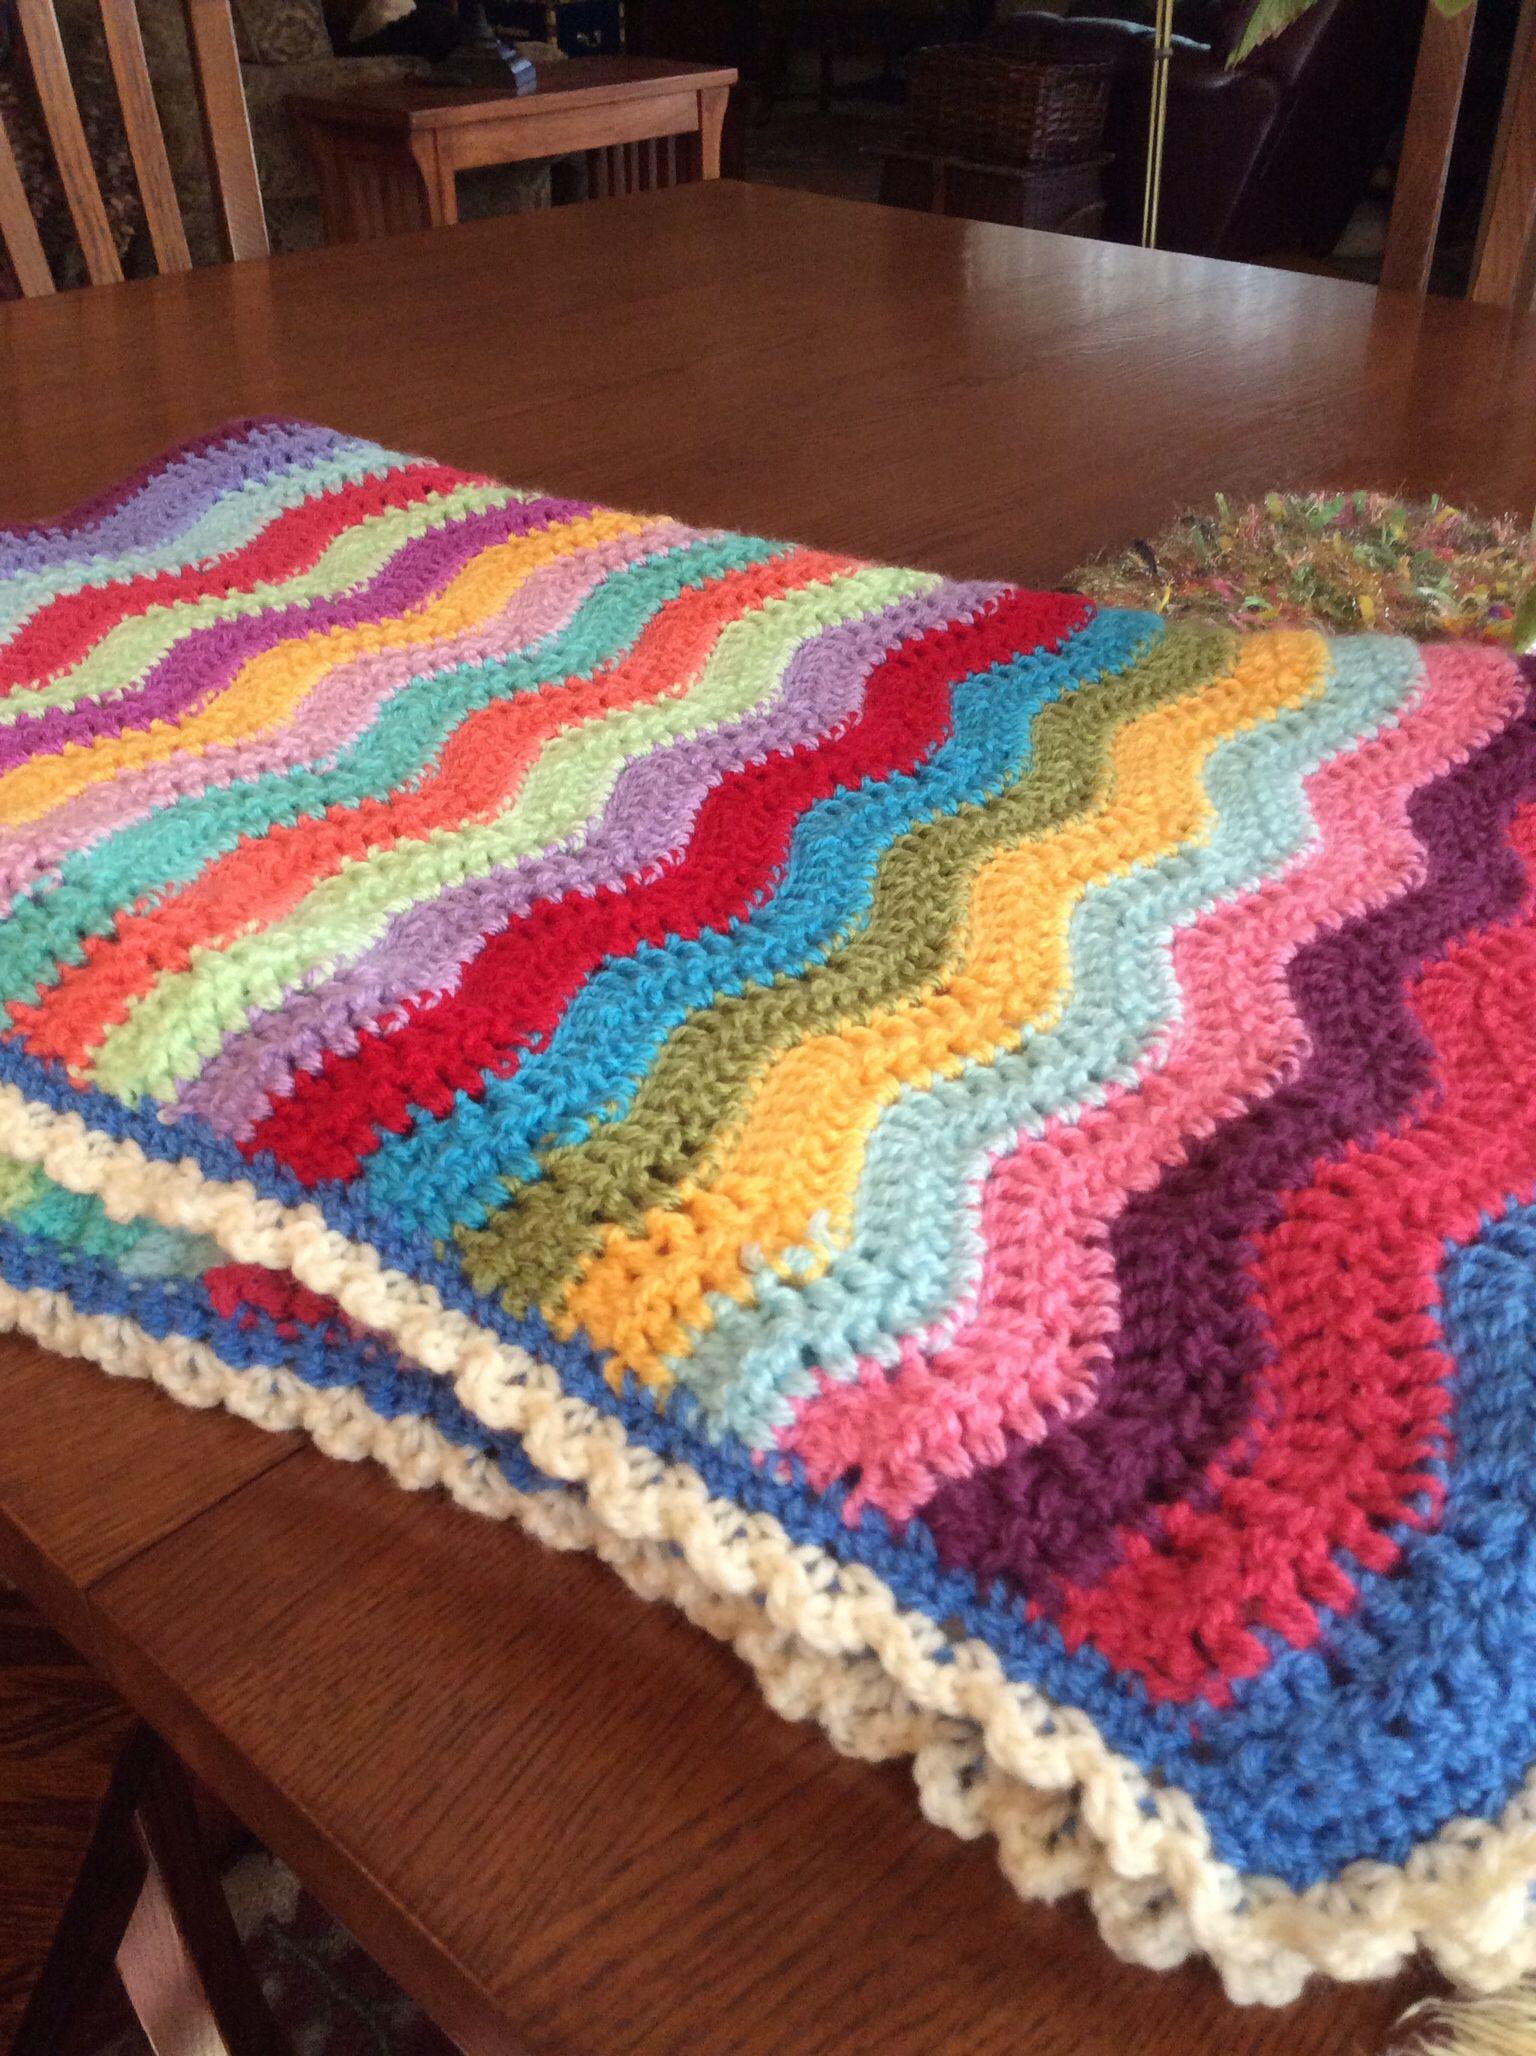 Crochet ripple blanket pattern from attic24 yarn is crochet ripple blanket pattern from attic24 yarn is stylecraft special dk bankloansurffo Images